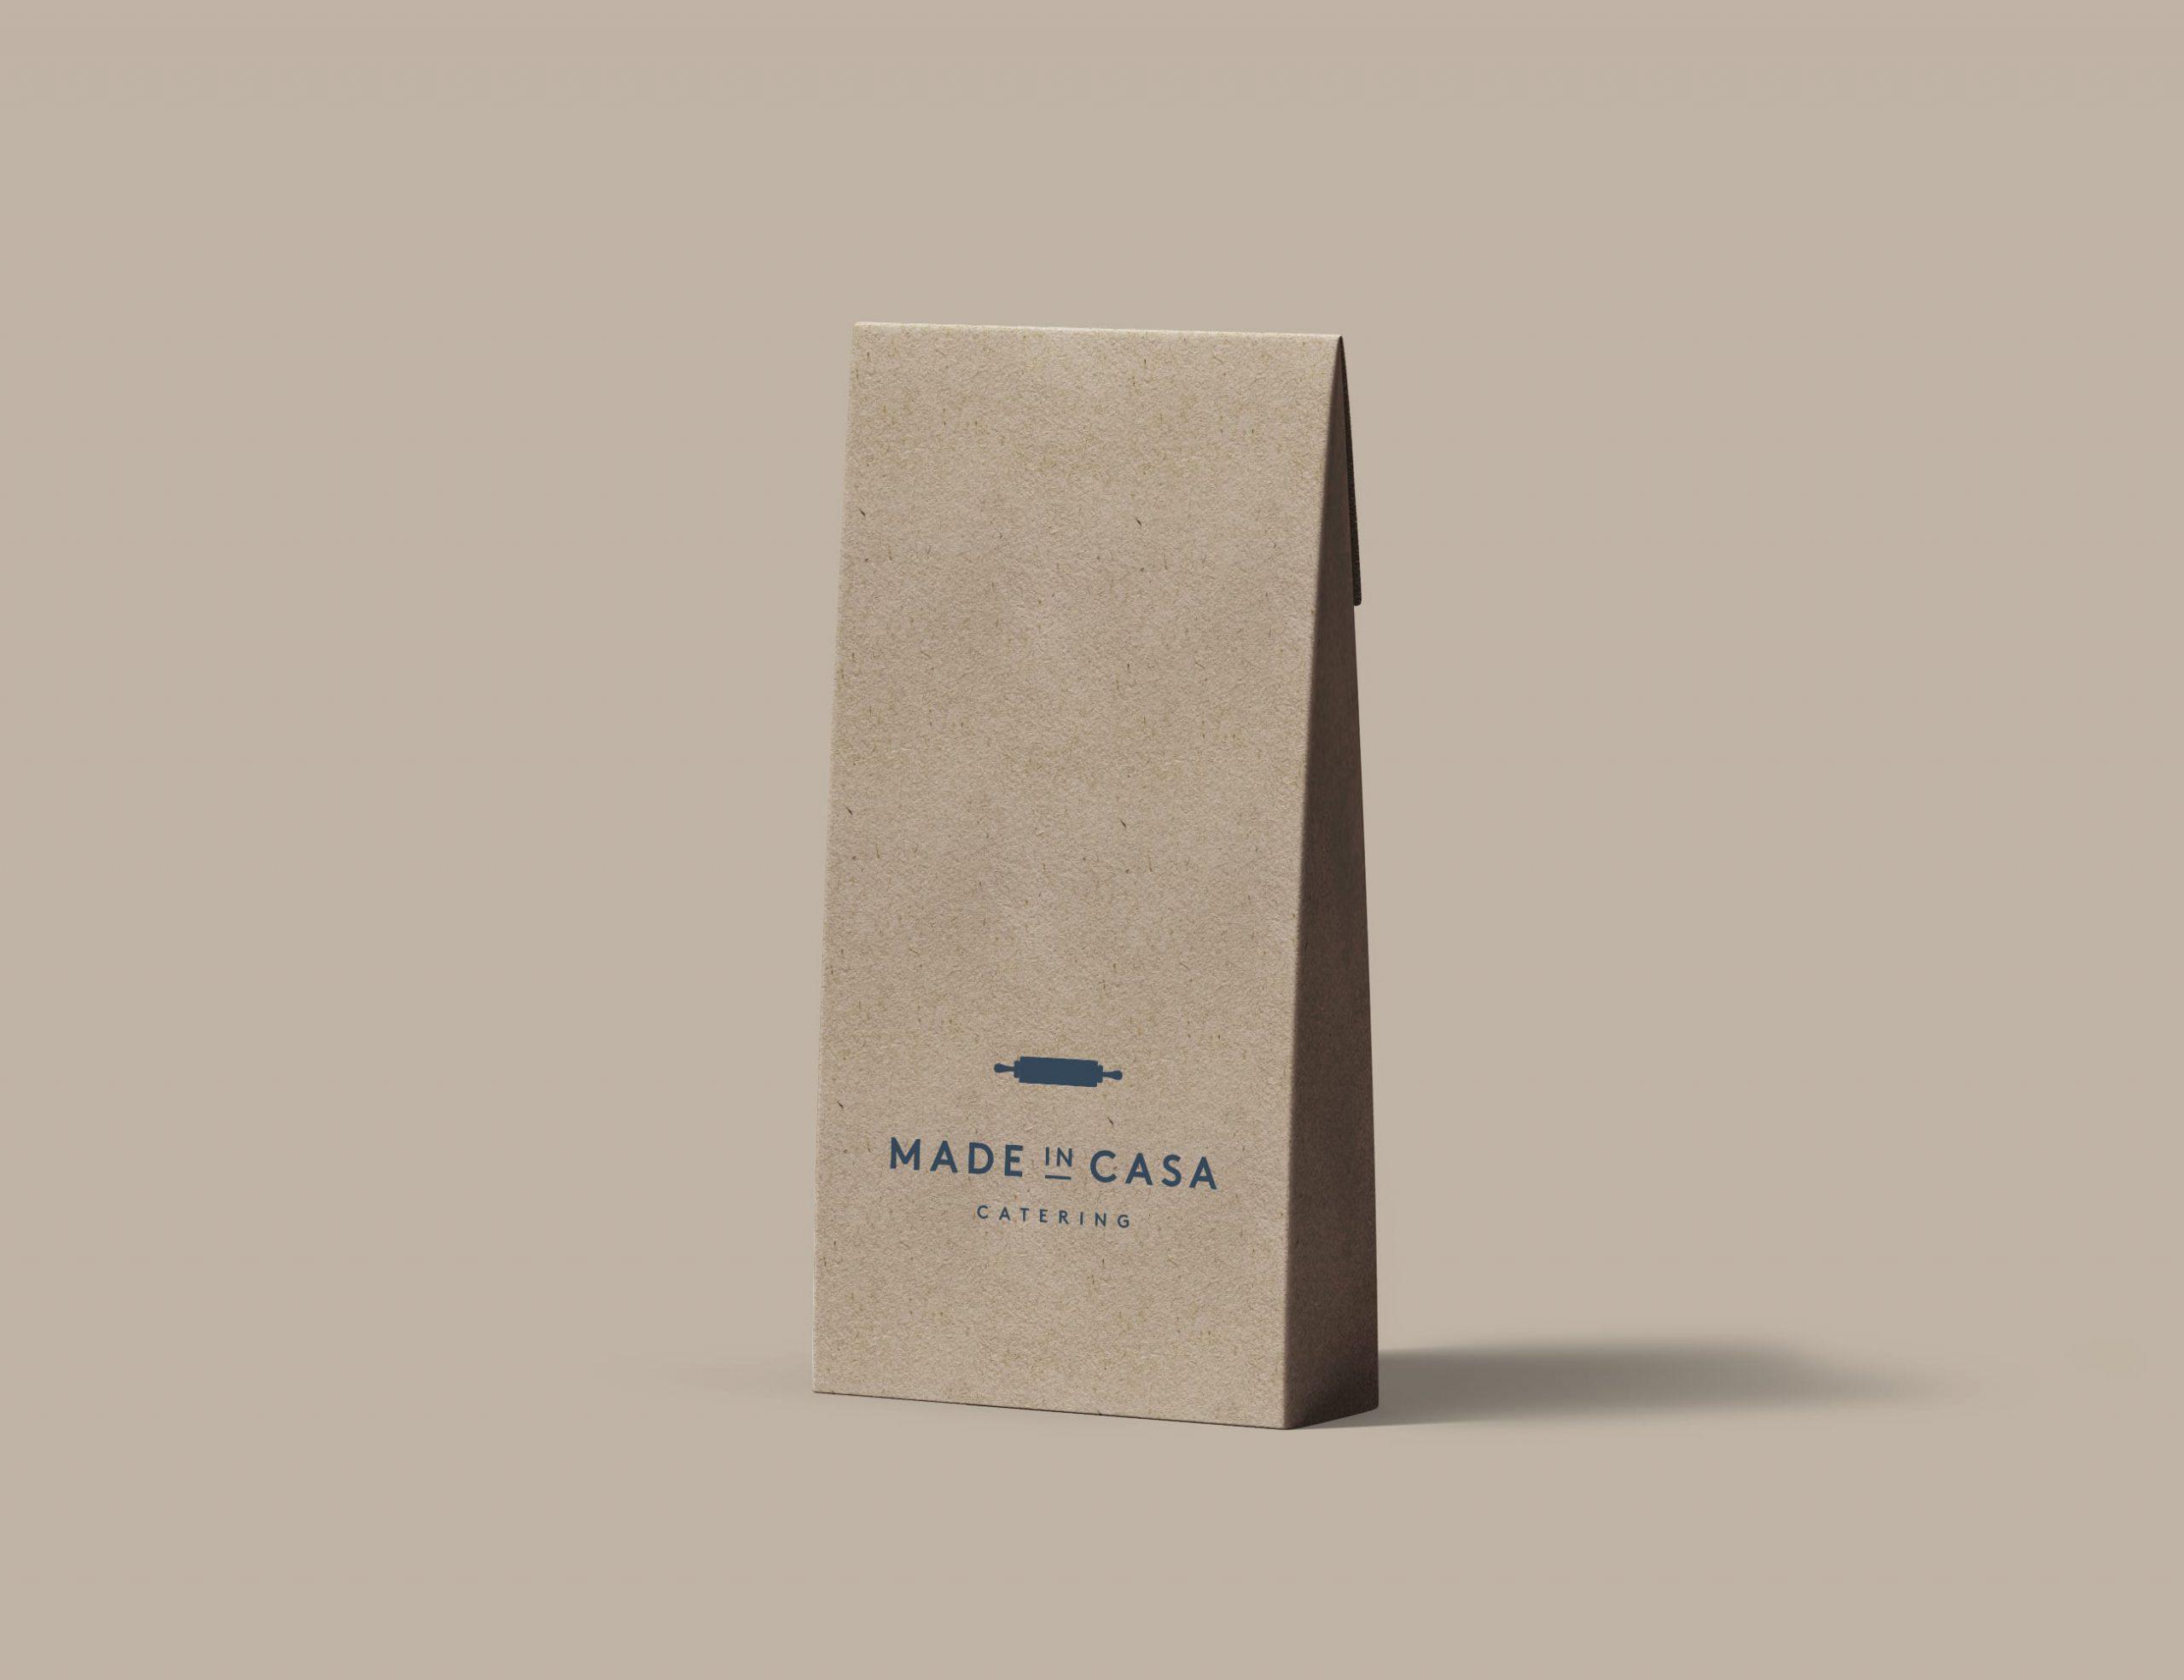 madeincasa02